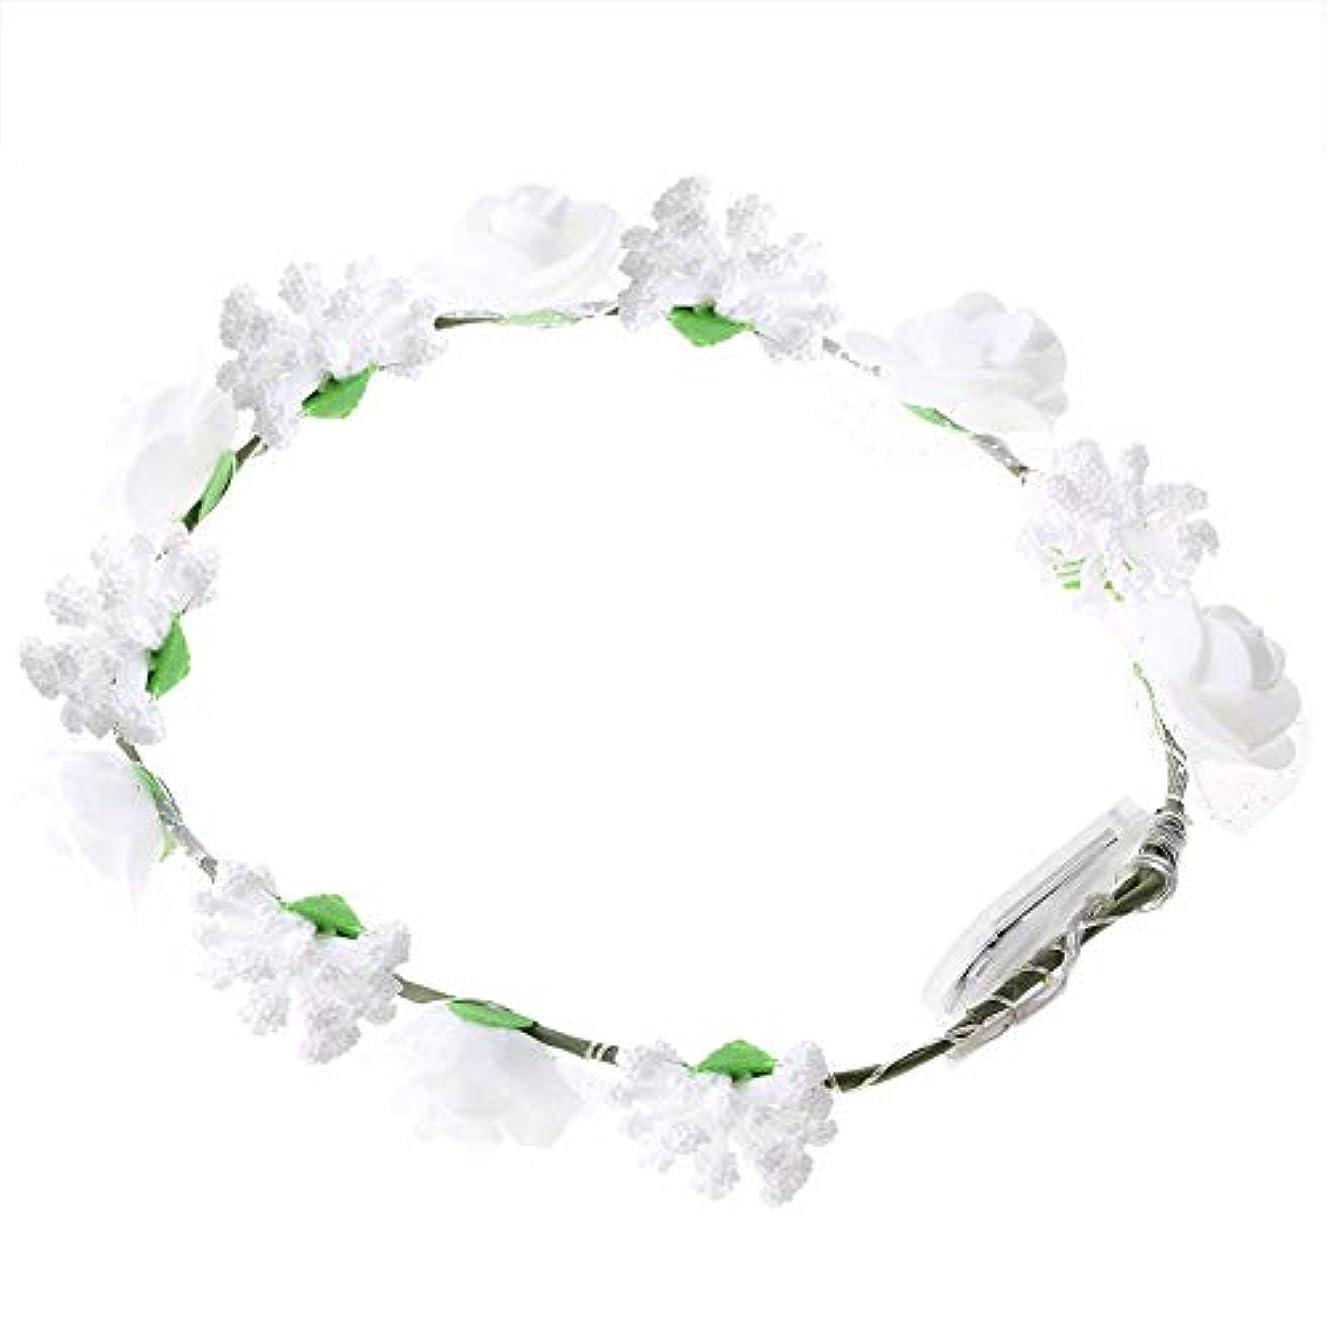 ピーブ禁じるアラートSemme LEDの花の王冠、照明髪の花輪耐久性のあるLEDローズ花ライト妖精照明髪の花輪ライトアップ花の冠(White)